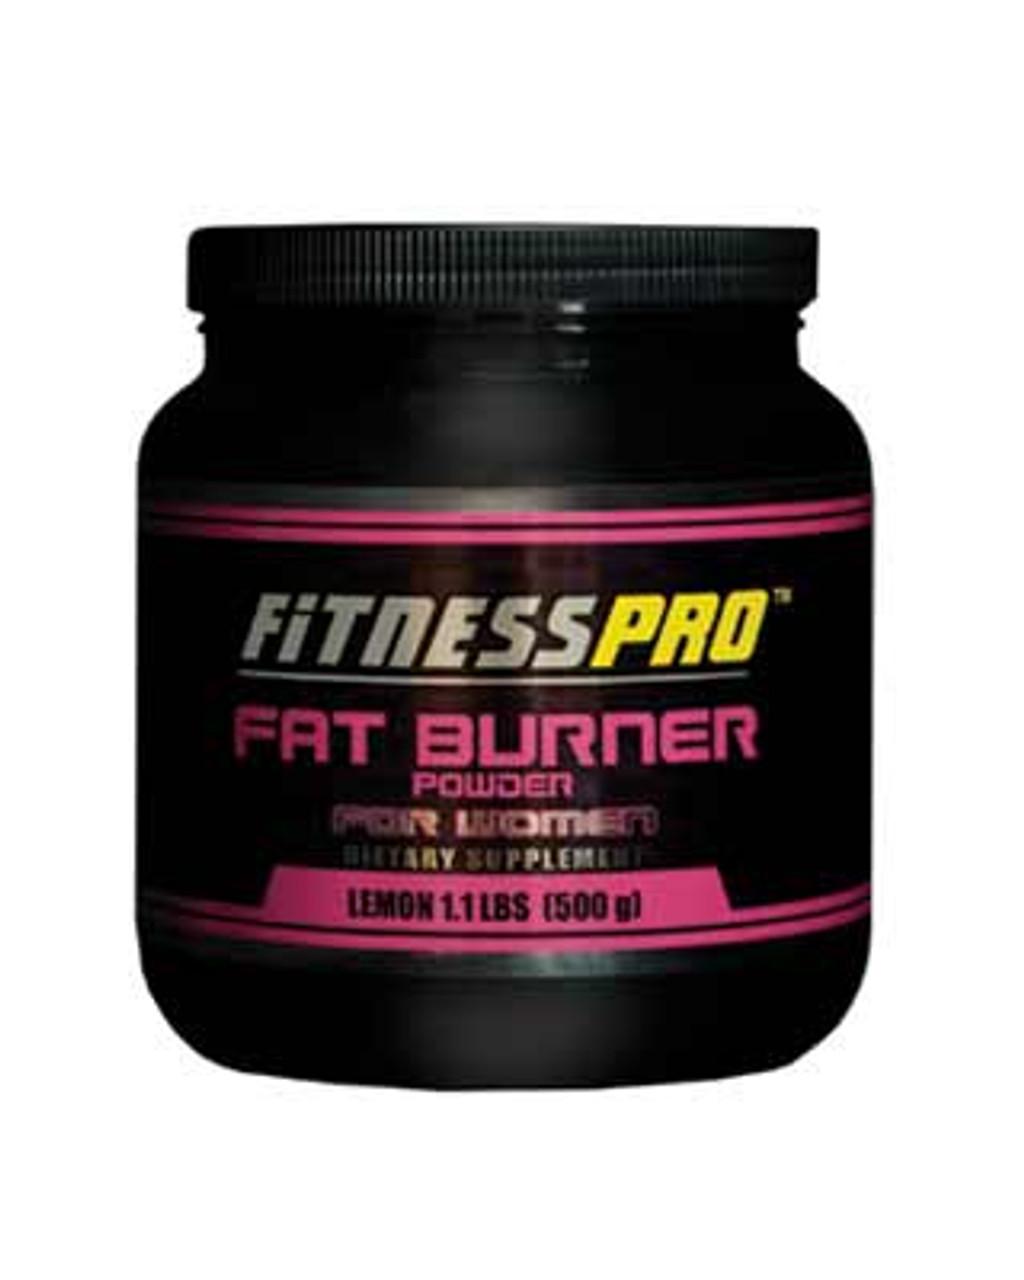 Fat Burner Powder for Women 500g Fitness Pro